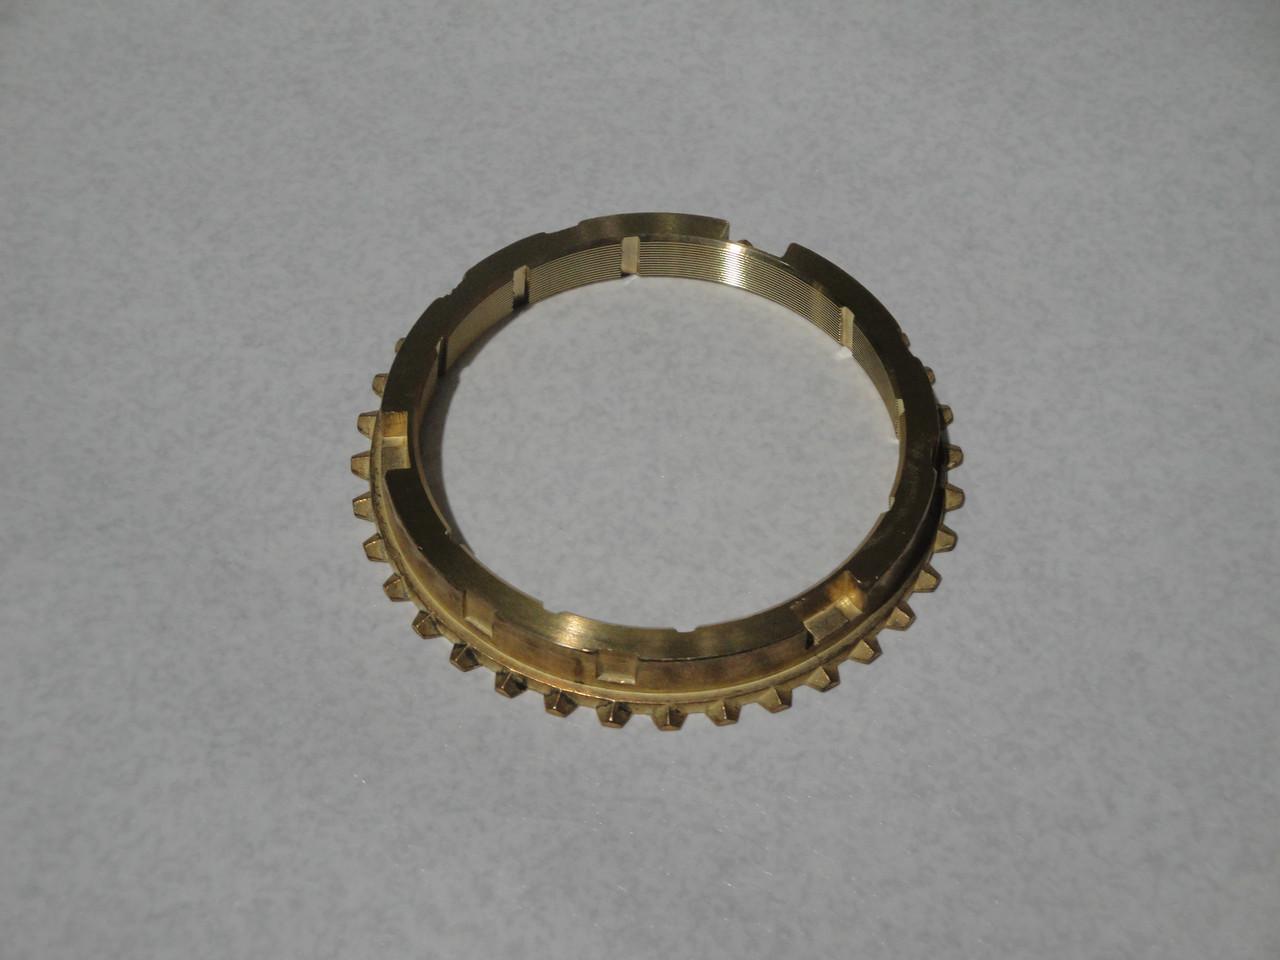 Кольцо синхронизатора БОГДАН A091/A092 4-5 передачи МХА5R (8941287752/8970348410/8981904260) JAPACO